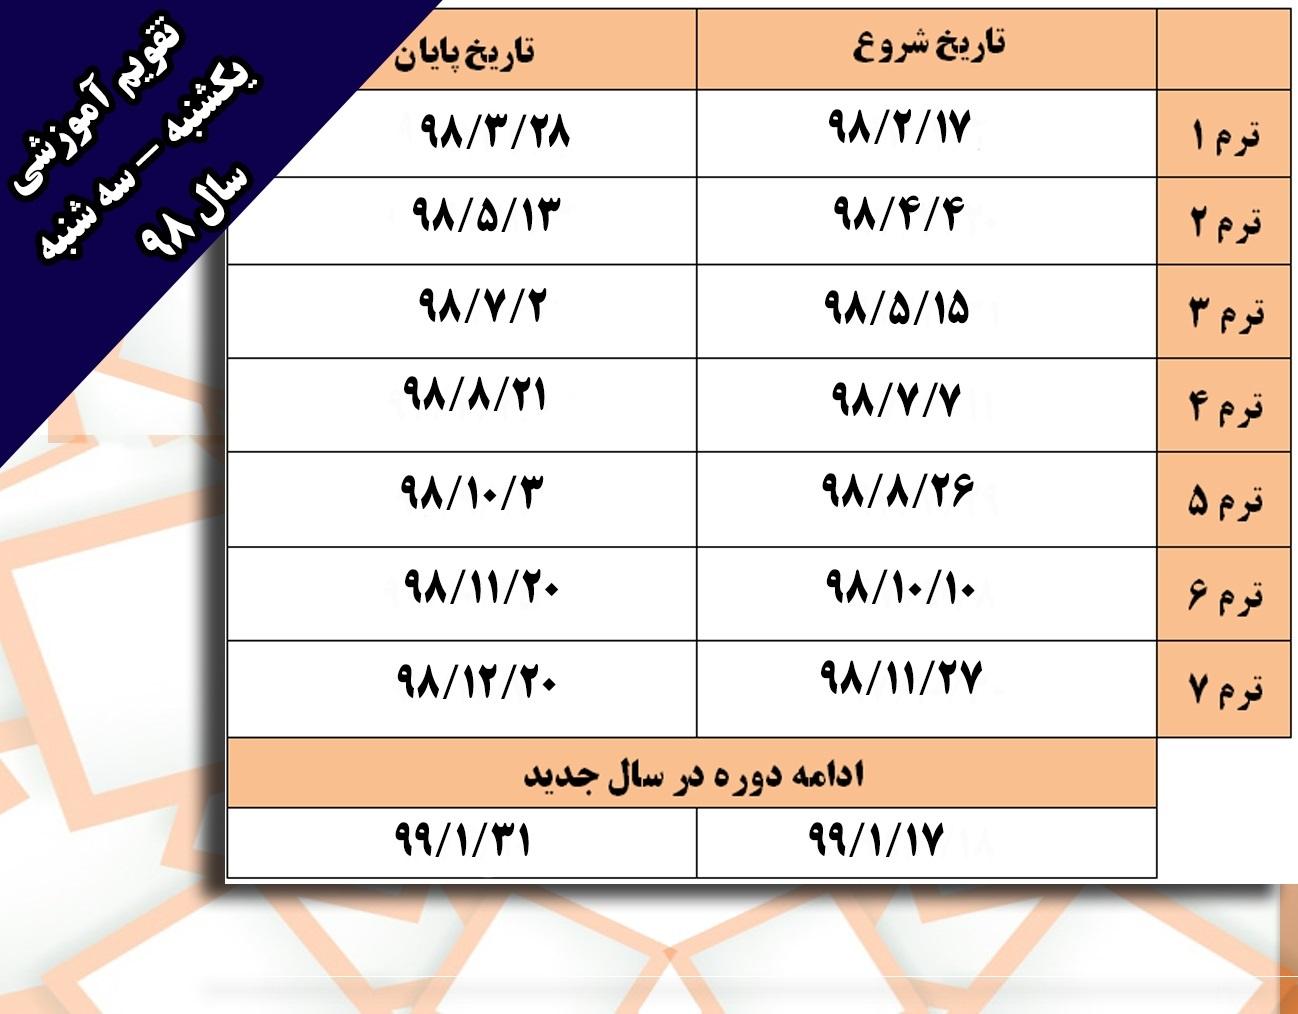 اندیشه پارسیان/تقویم آموزشی روزهای یکشنبه-سه شنبه